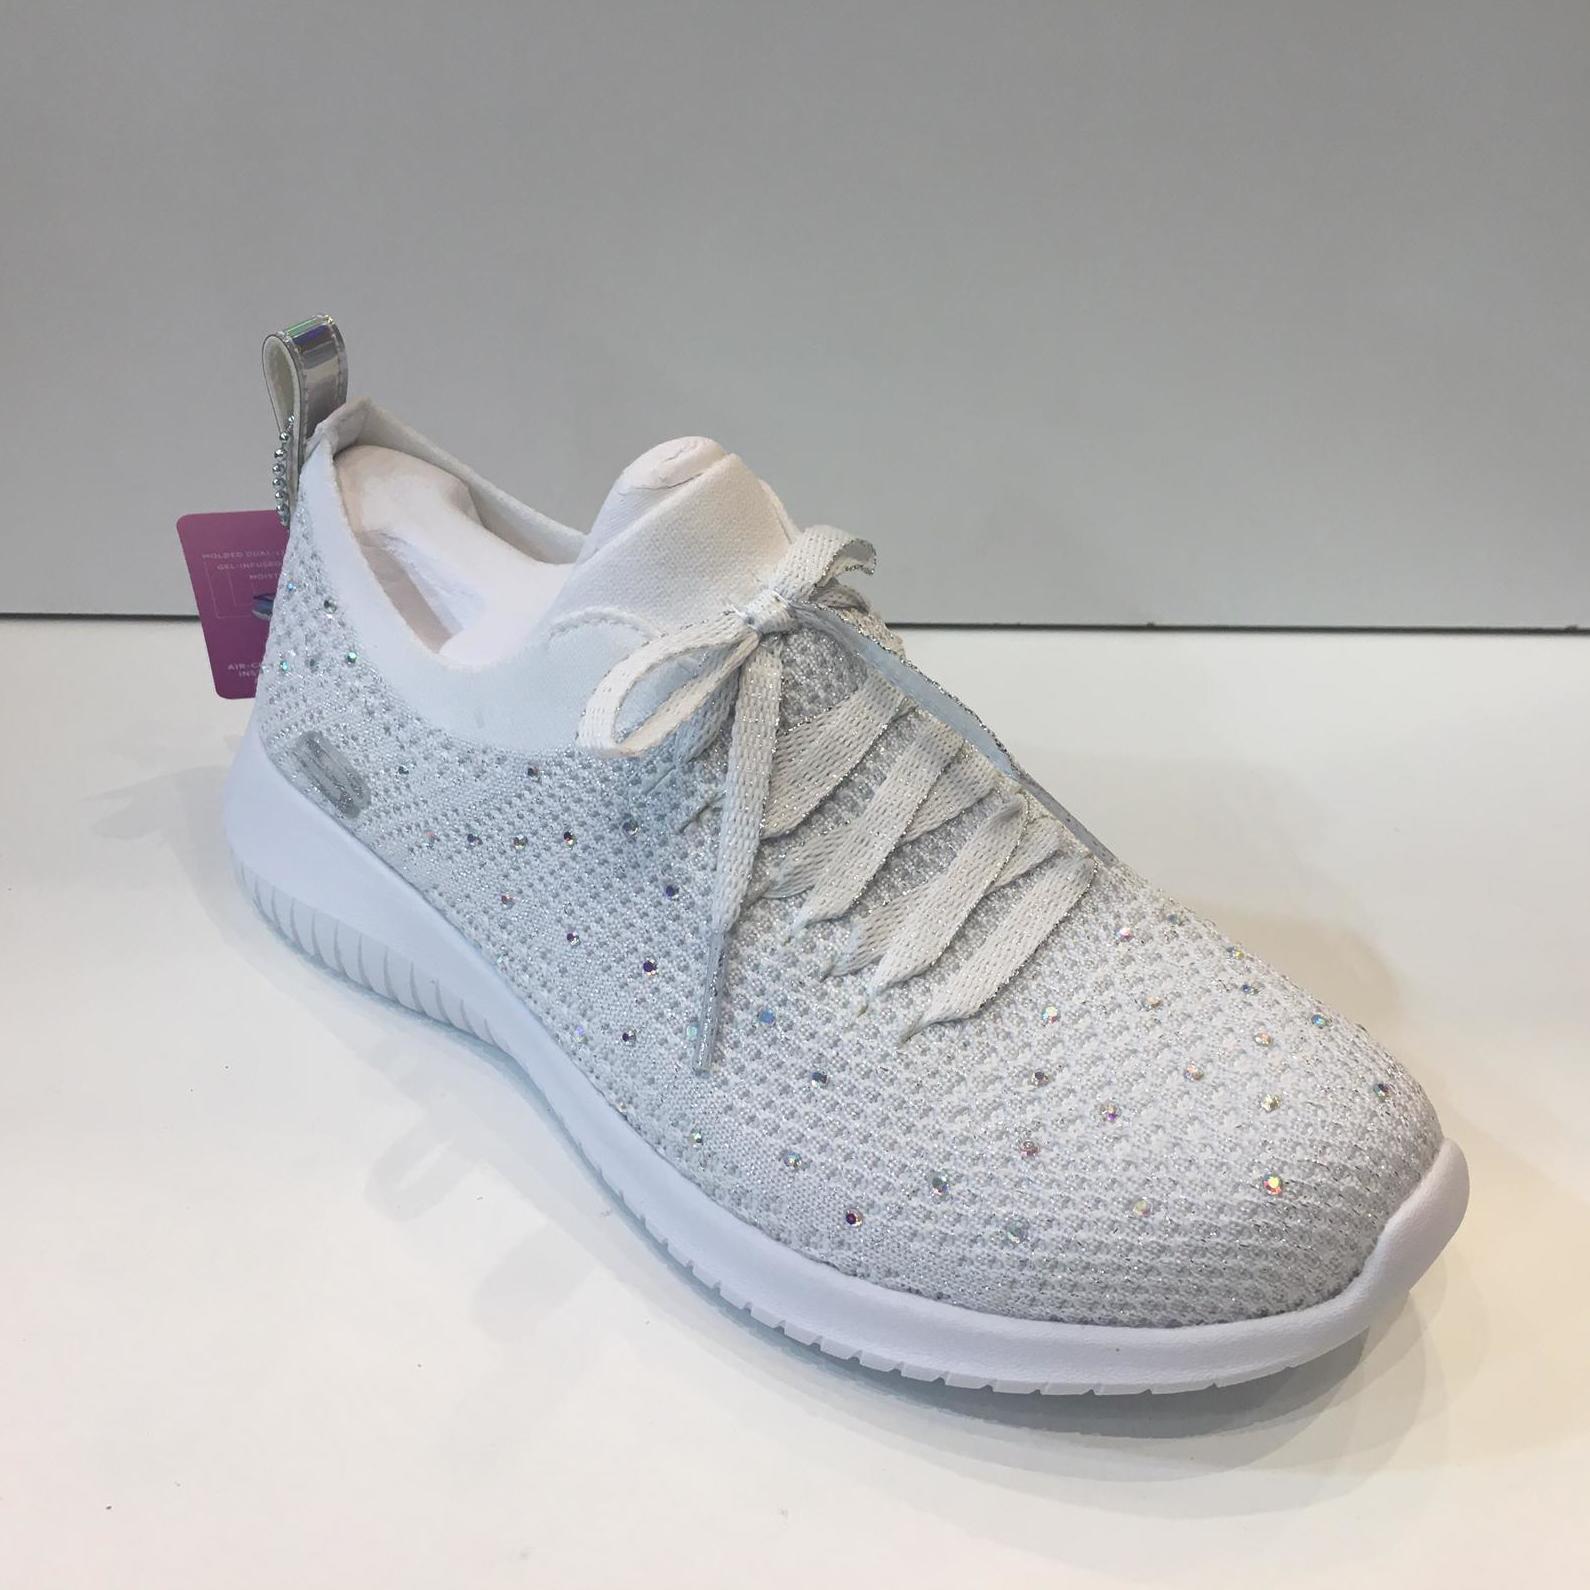 Sabata esportiva de dona, de la marca Skechers, amb plantilla Air-Cooled Memory Foam i sola de resalite 69.95€